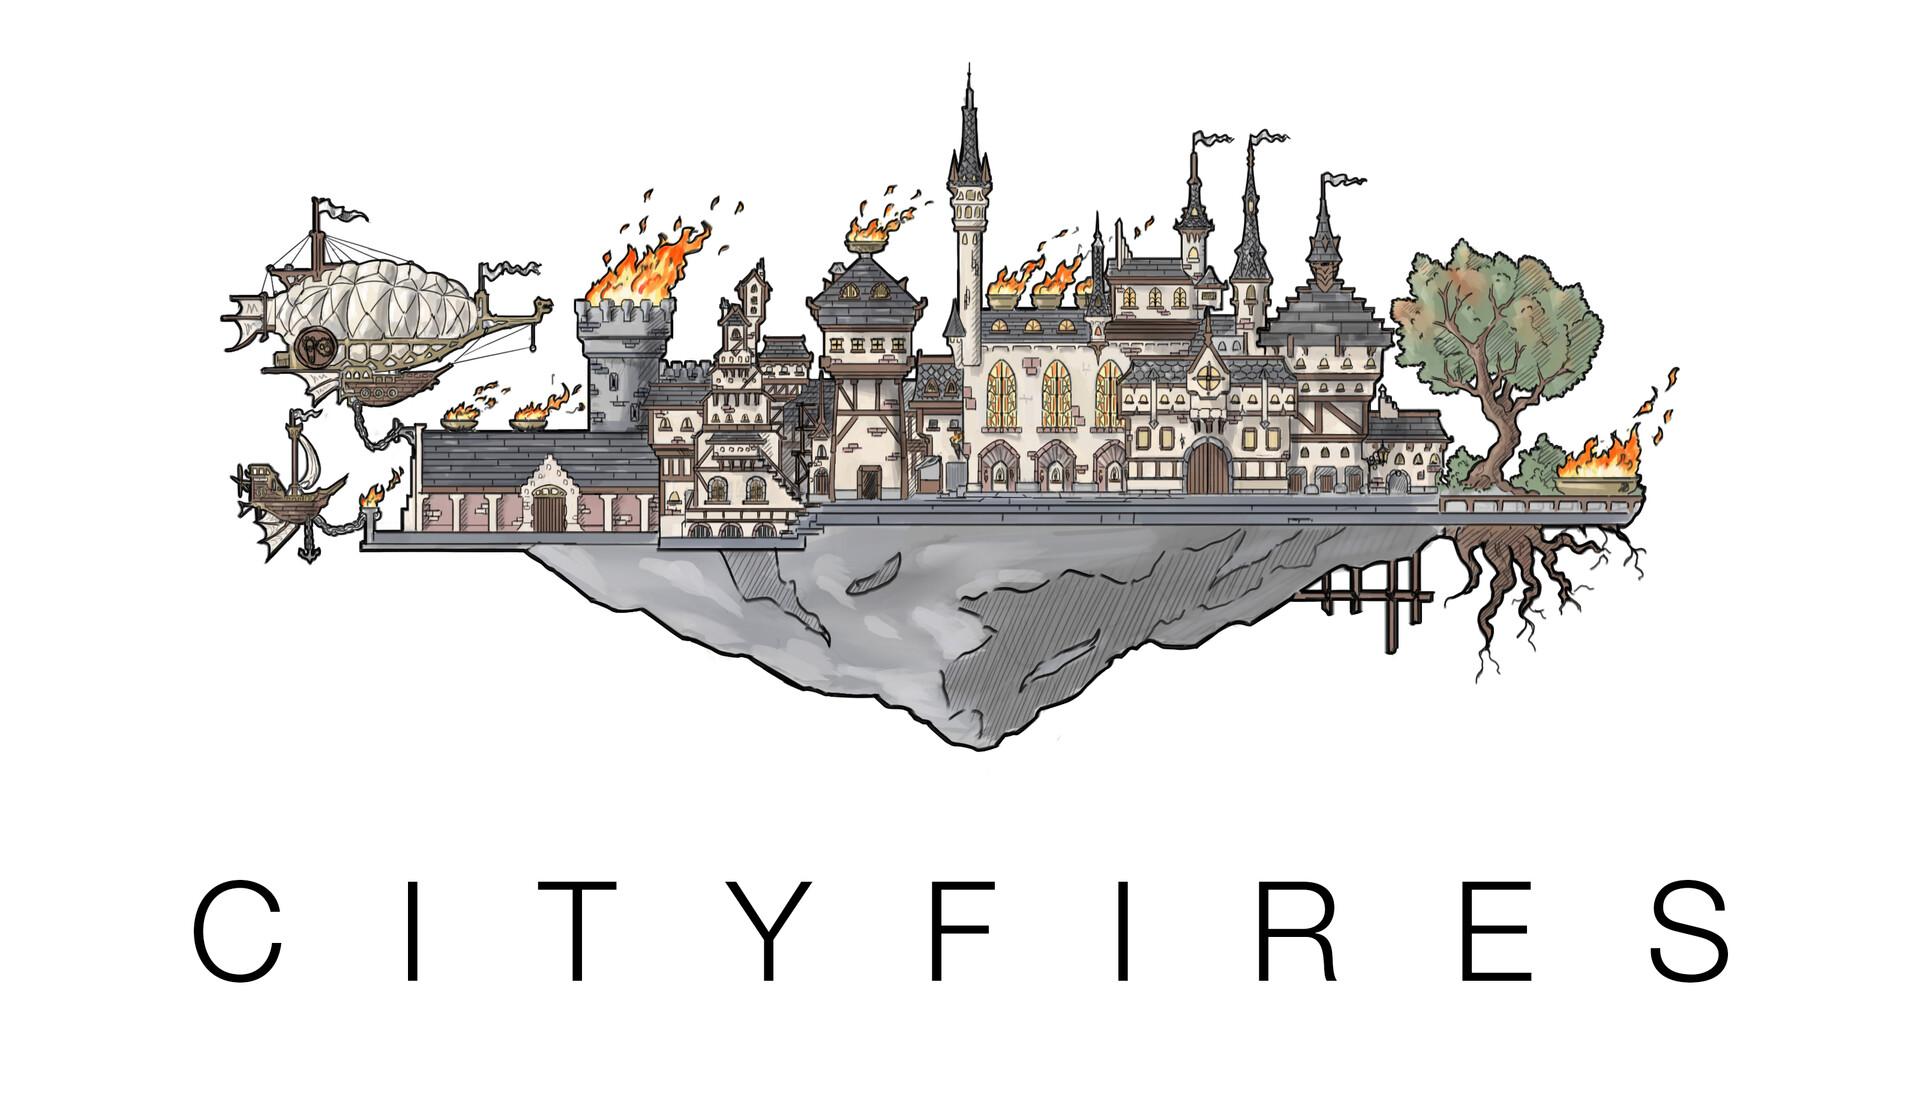 Arnesson art thomas hugo cityfires high color thick outline